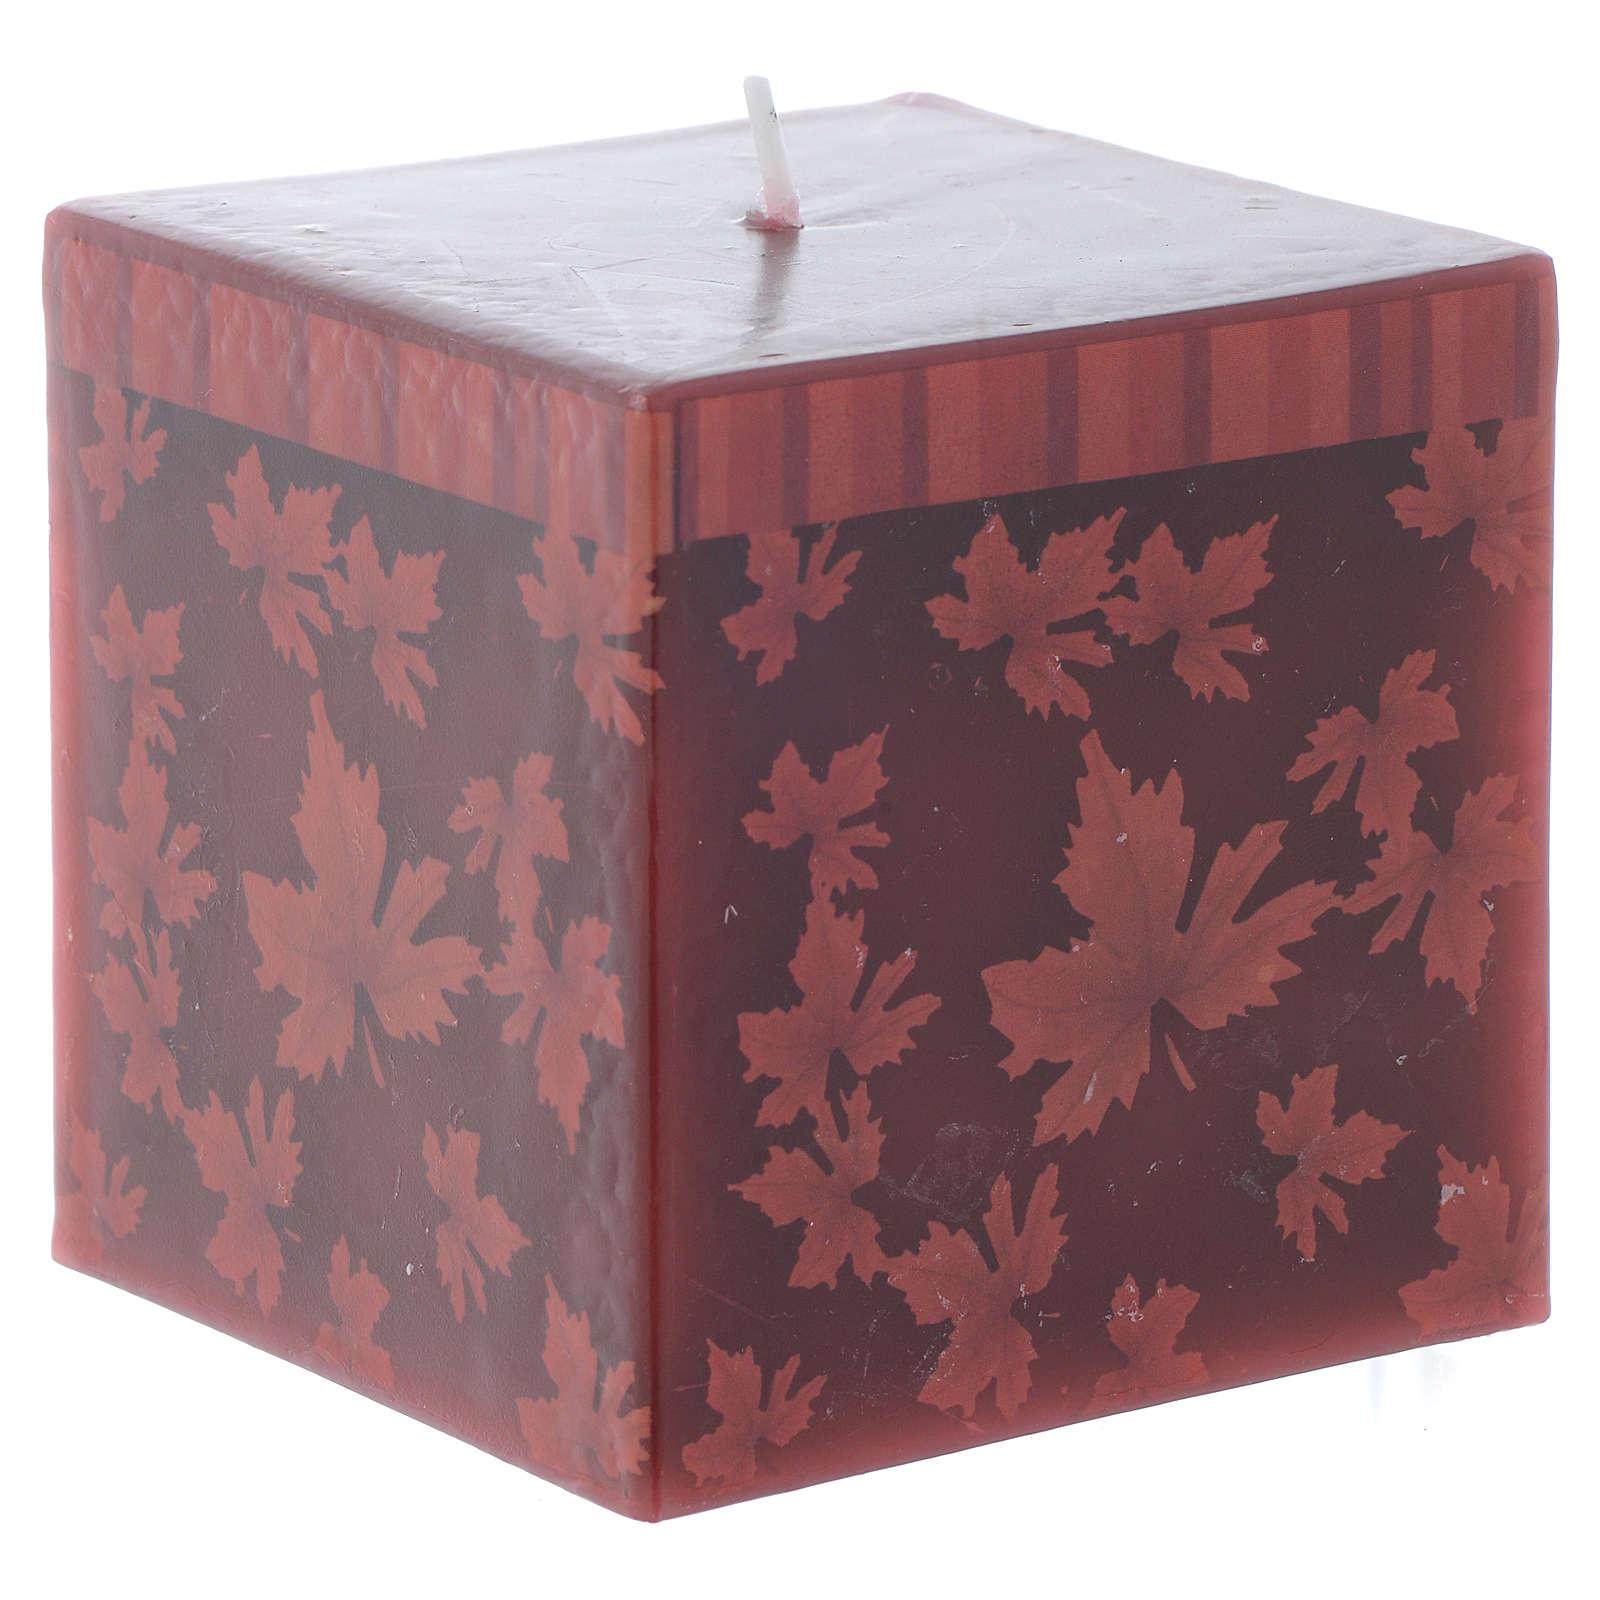 Bougie Noël carrée décor feuilles rouges 7,5 cm 3